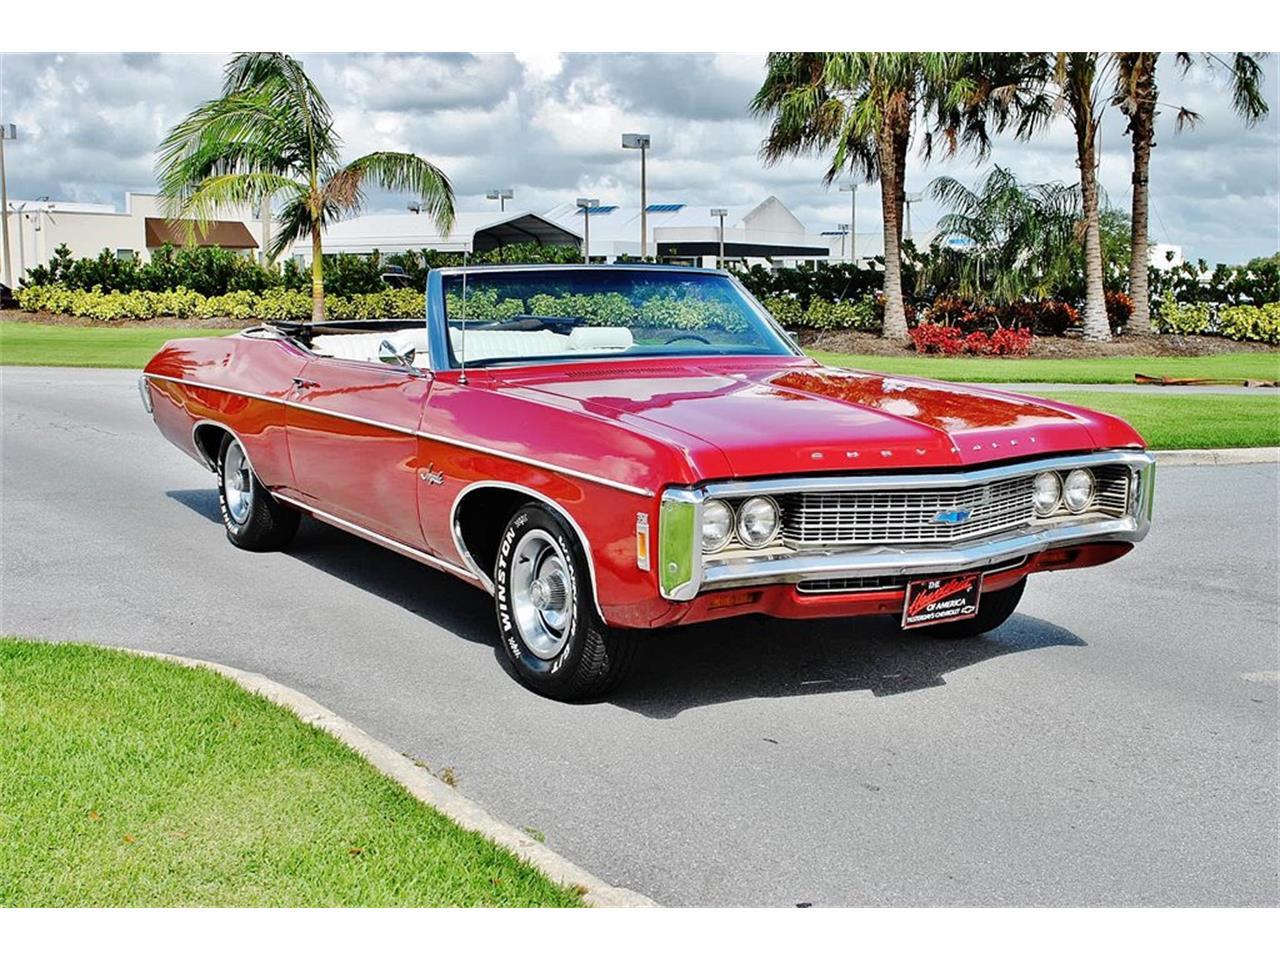 Kelebihan Impala 69 Murah Berkualitas